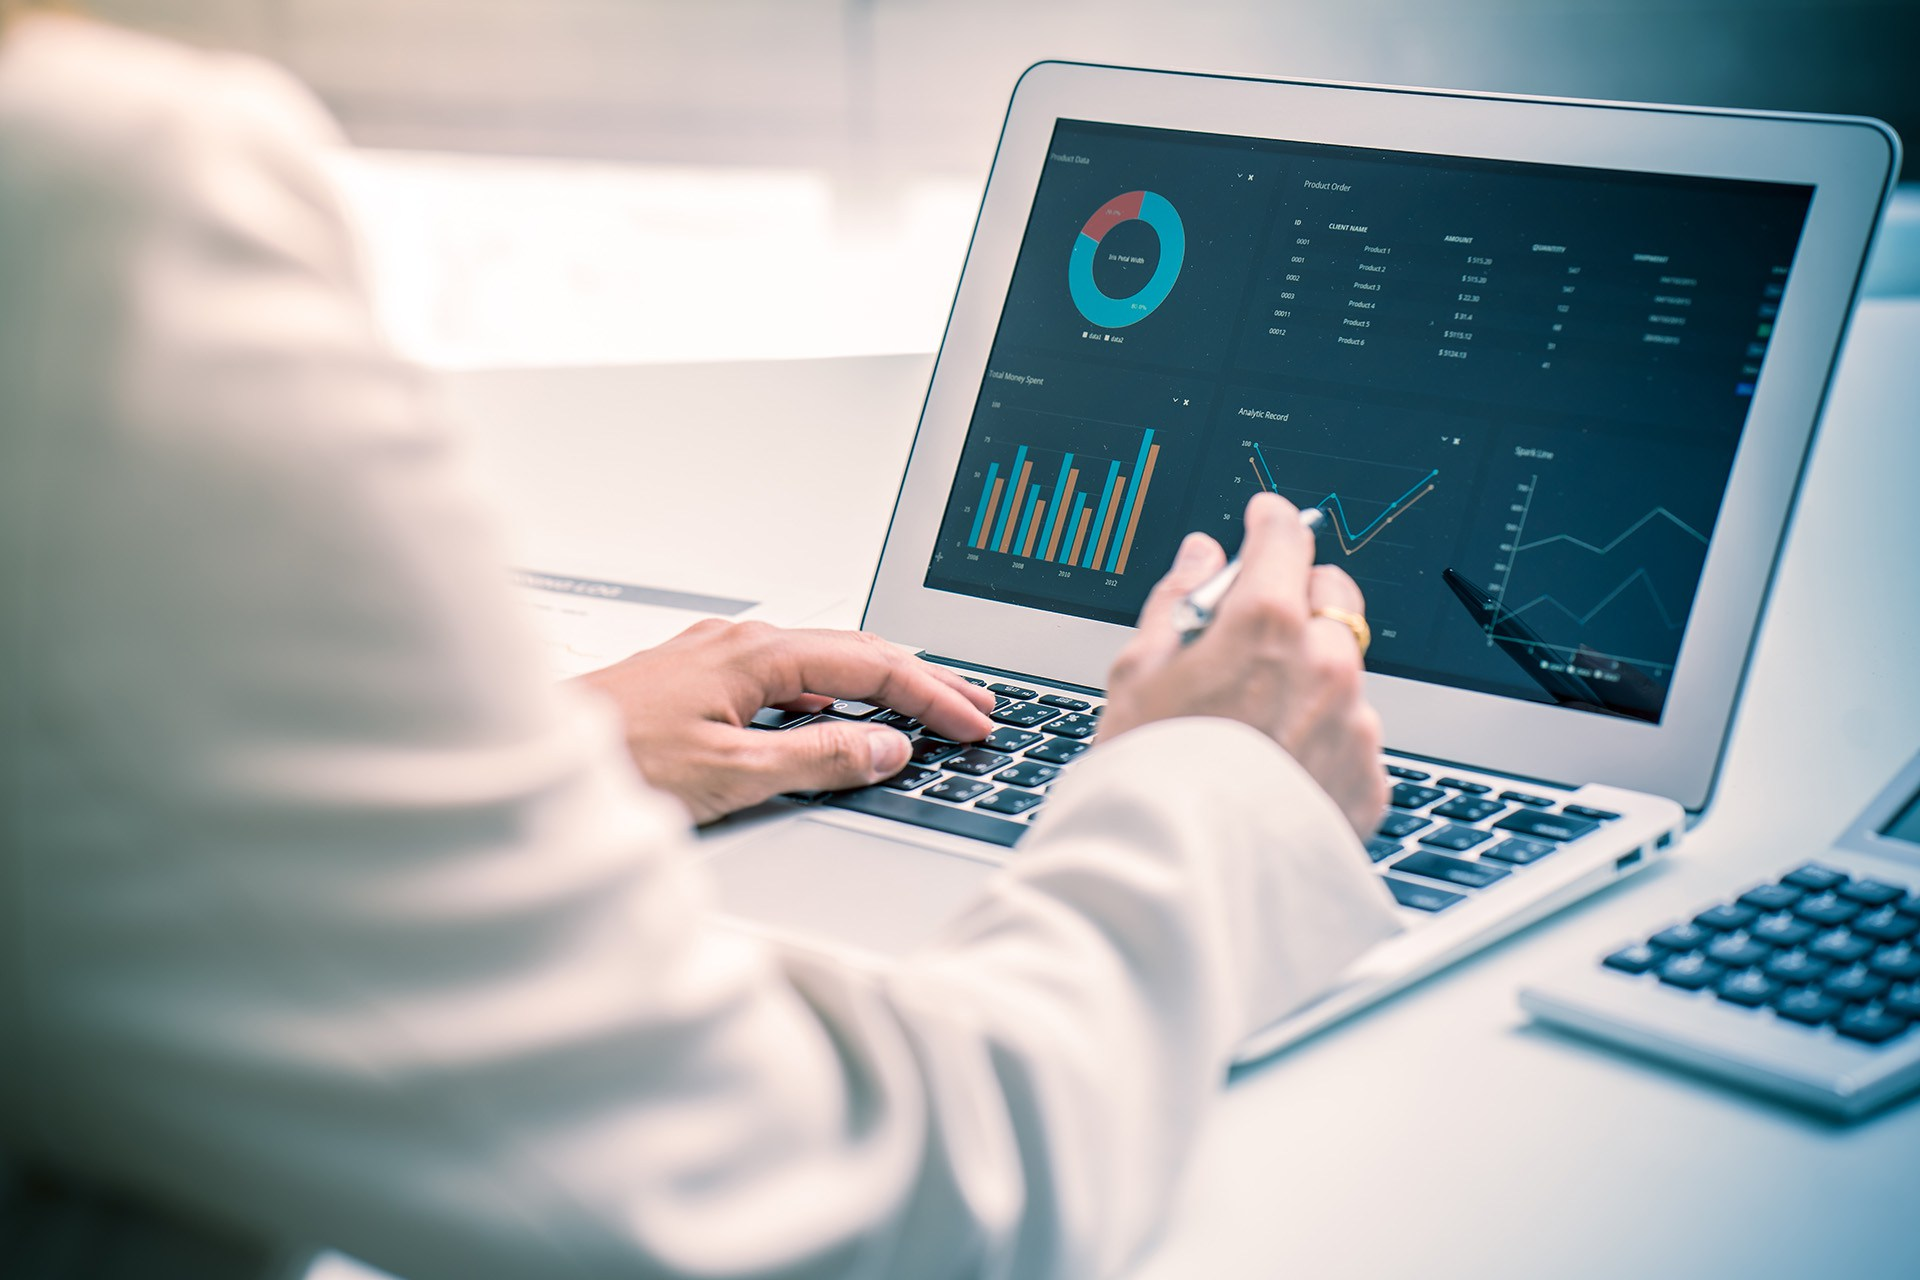 How-SAP-Hybris-Enables-Cloud-Based-Revenue-Management